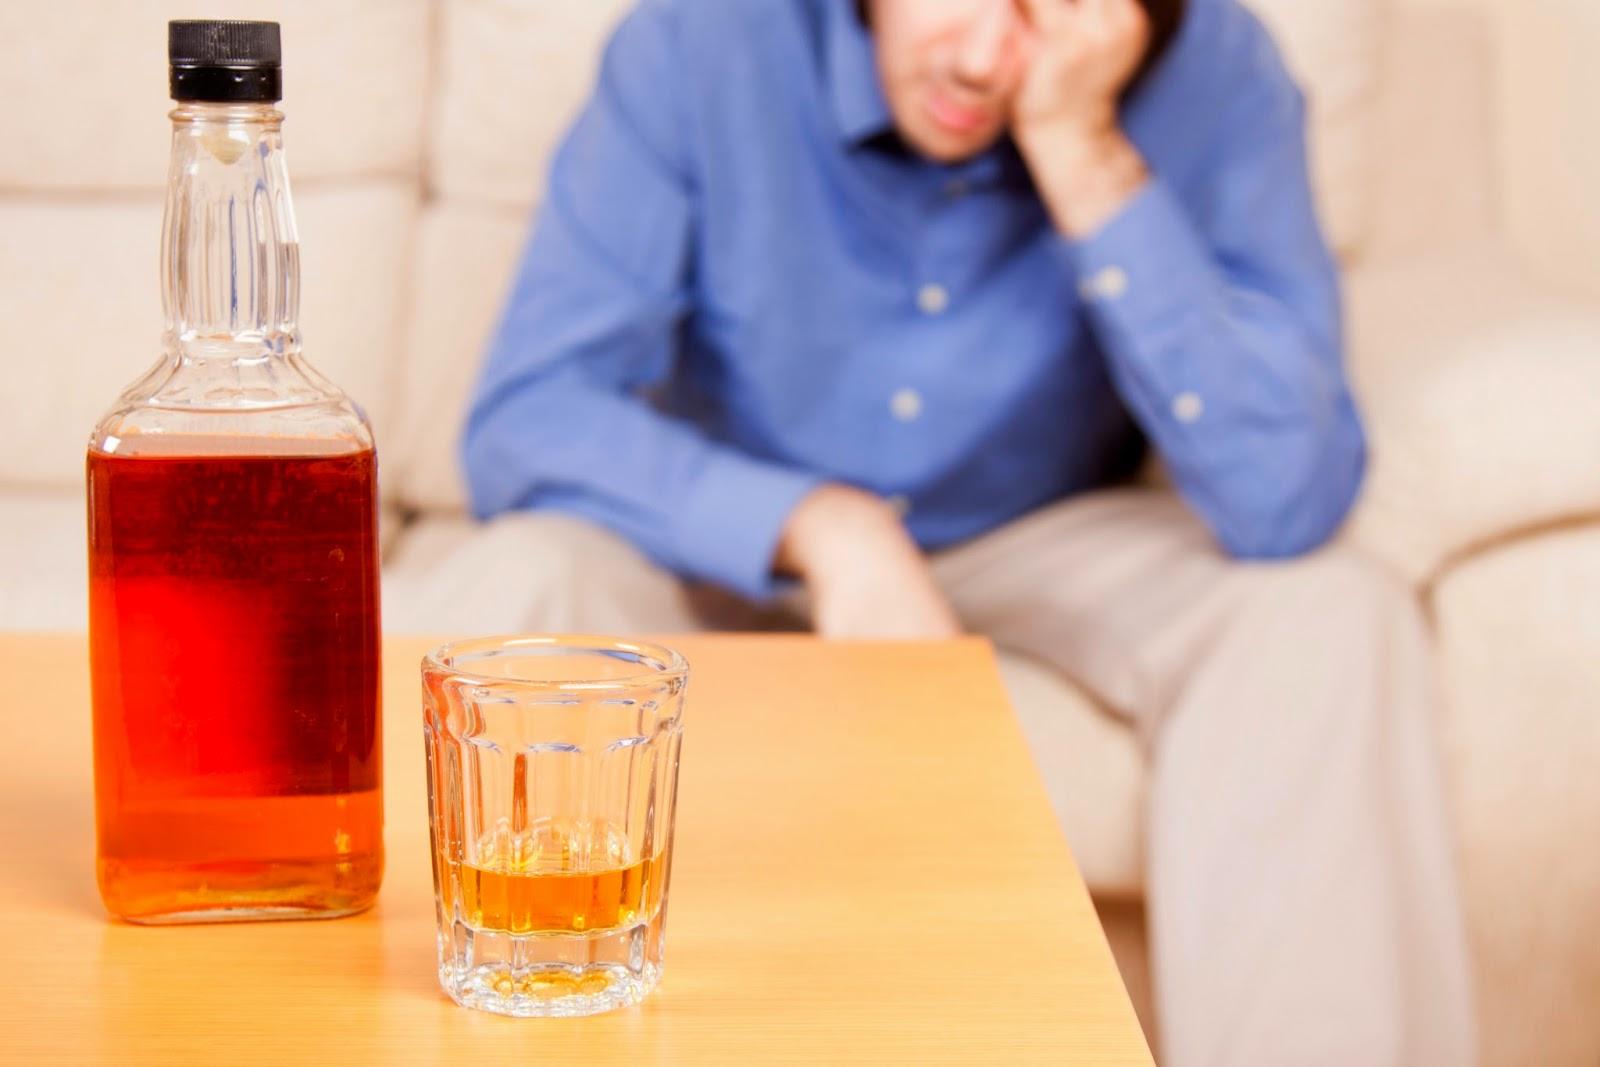 Цена раскодировки от алкоголя - Освобождение 18